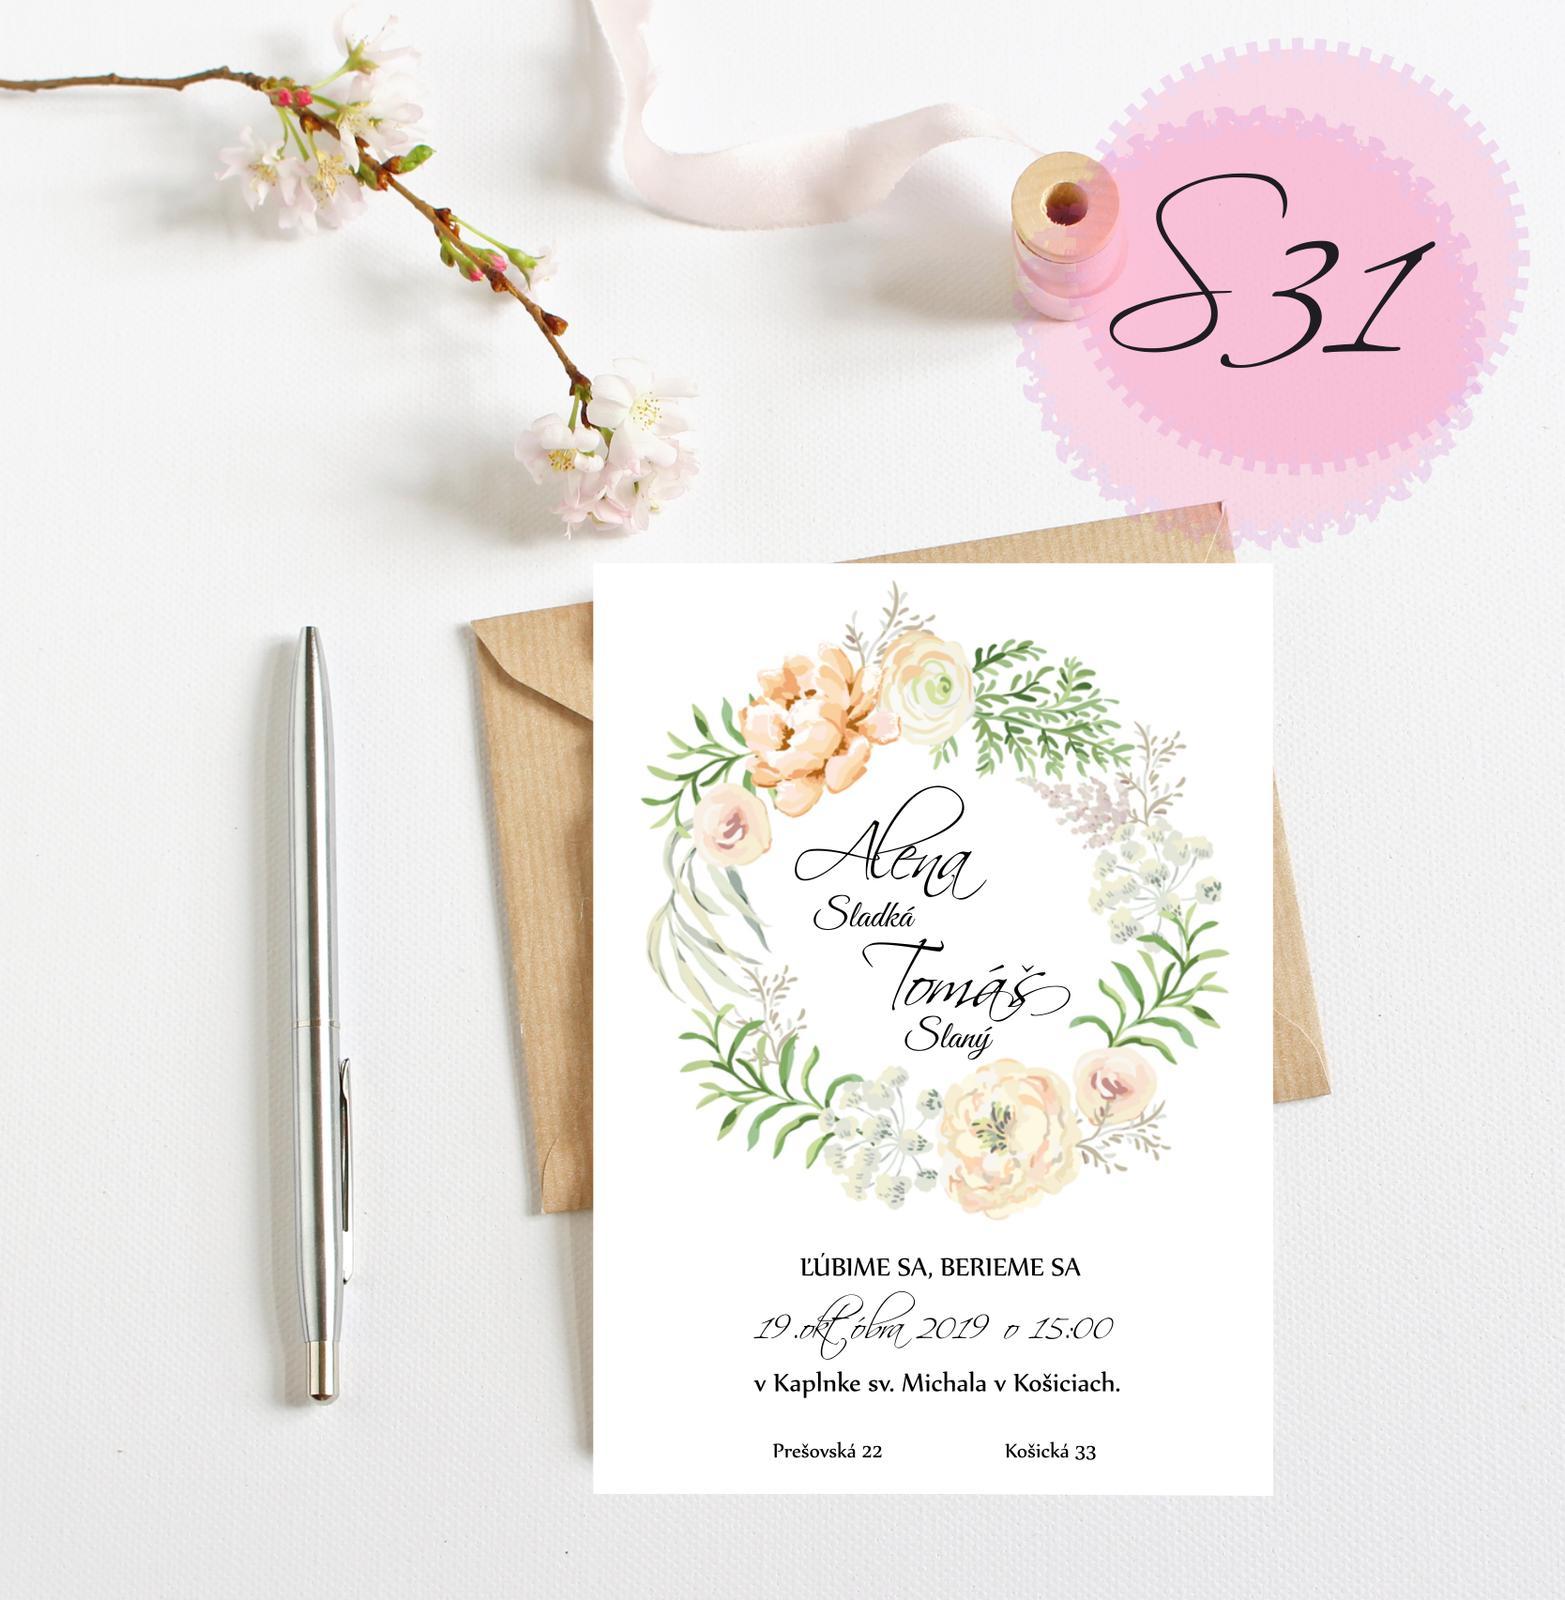 svadobné oznámenie S31 - Obrázok č. 1